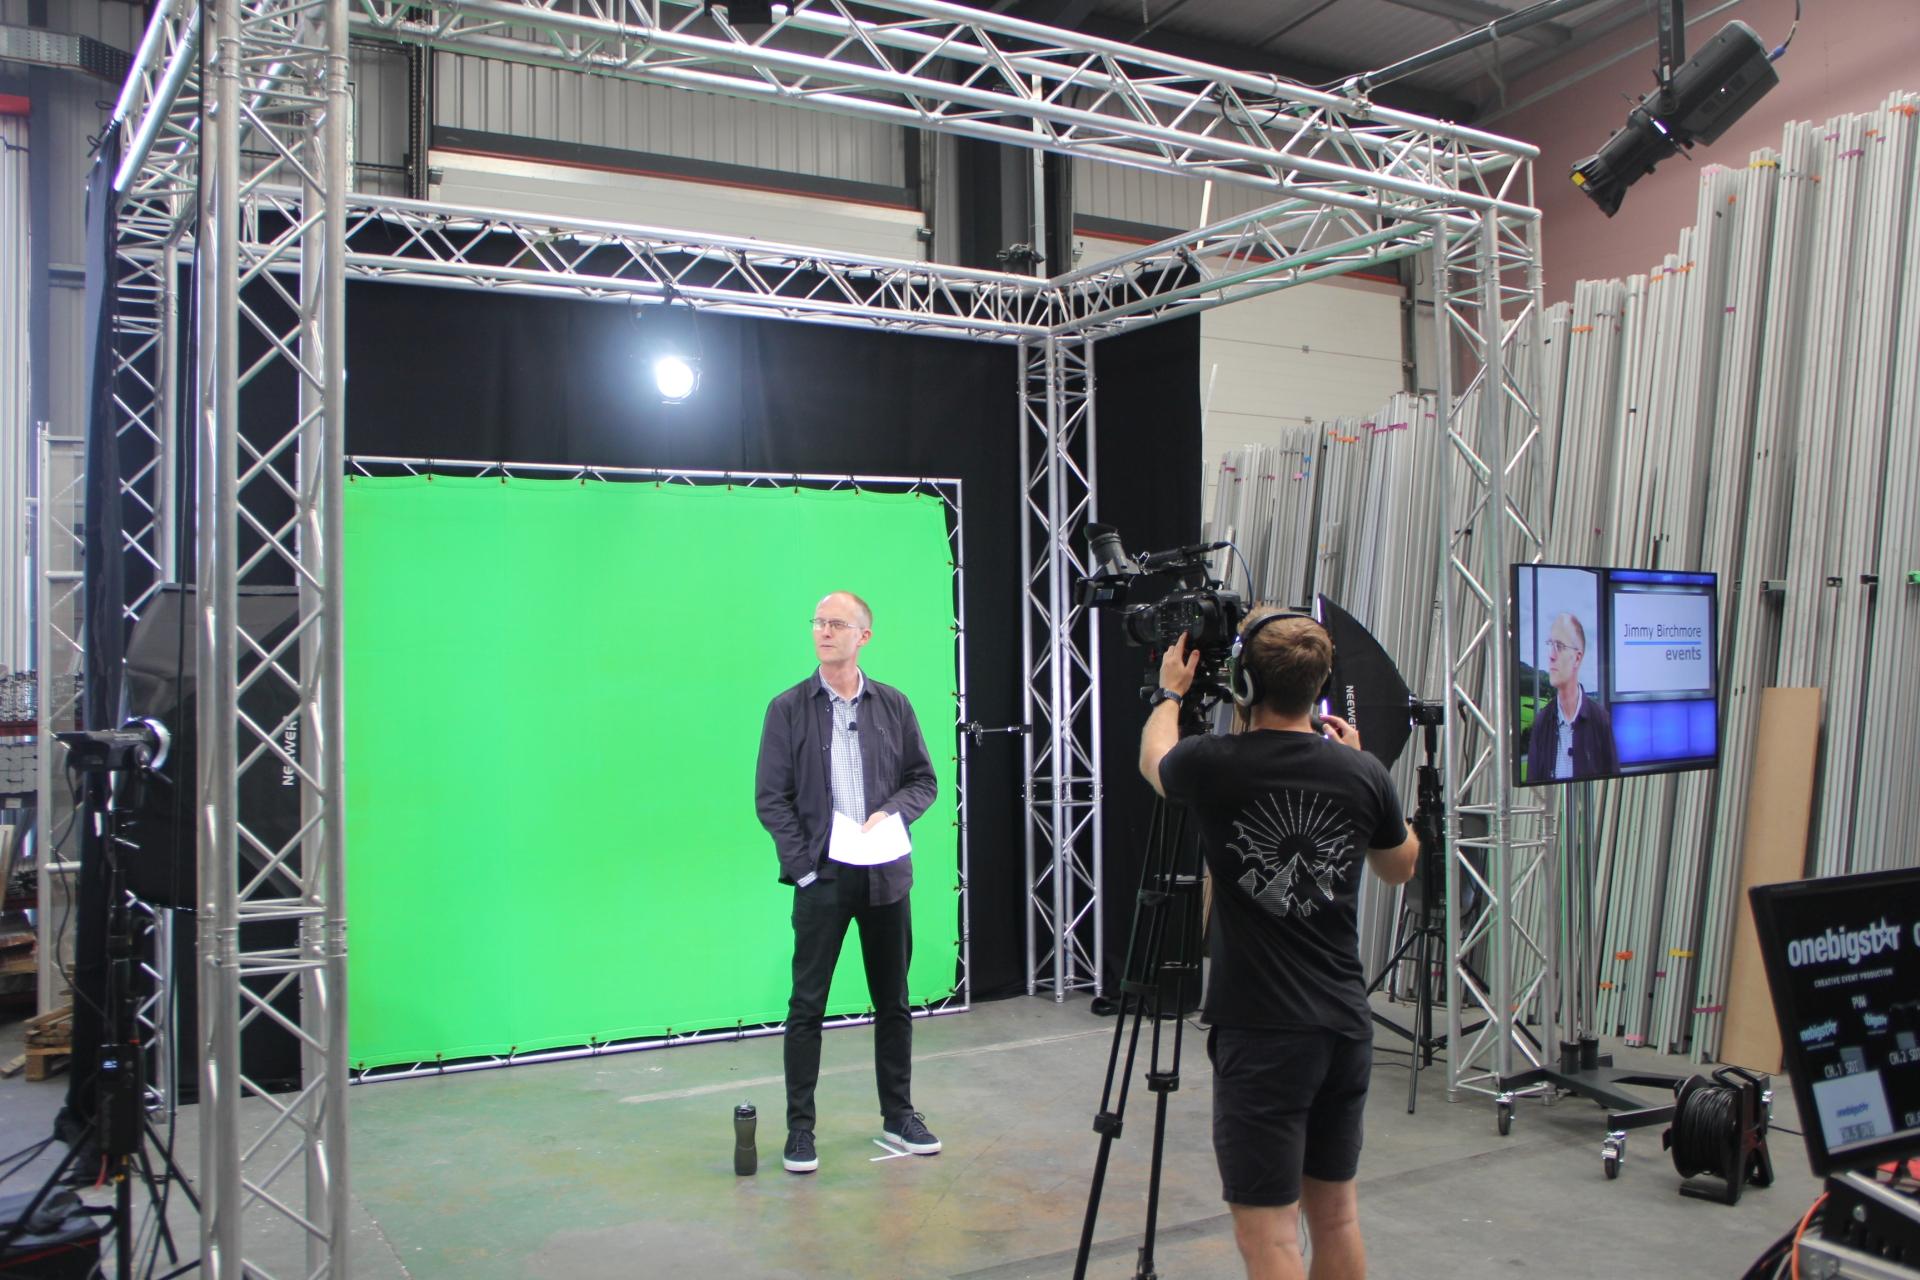 OneBigStar Green Screen Setup